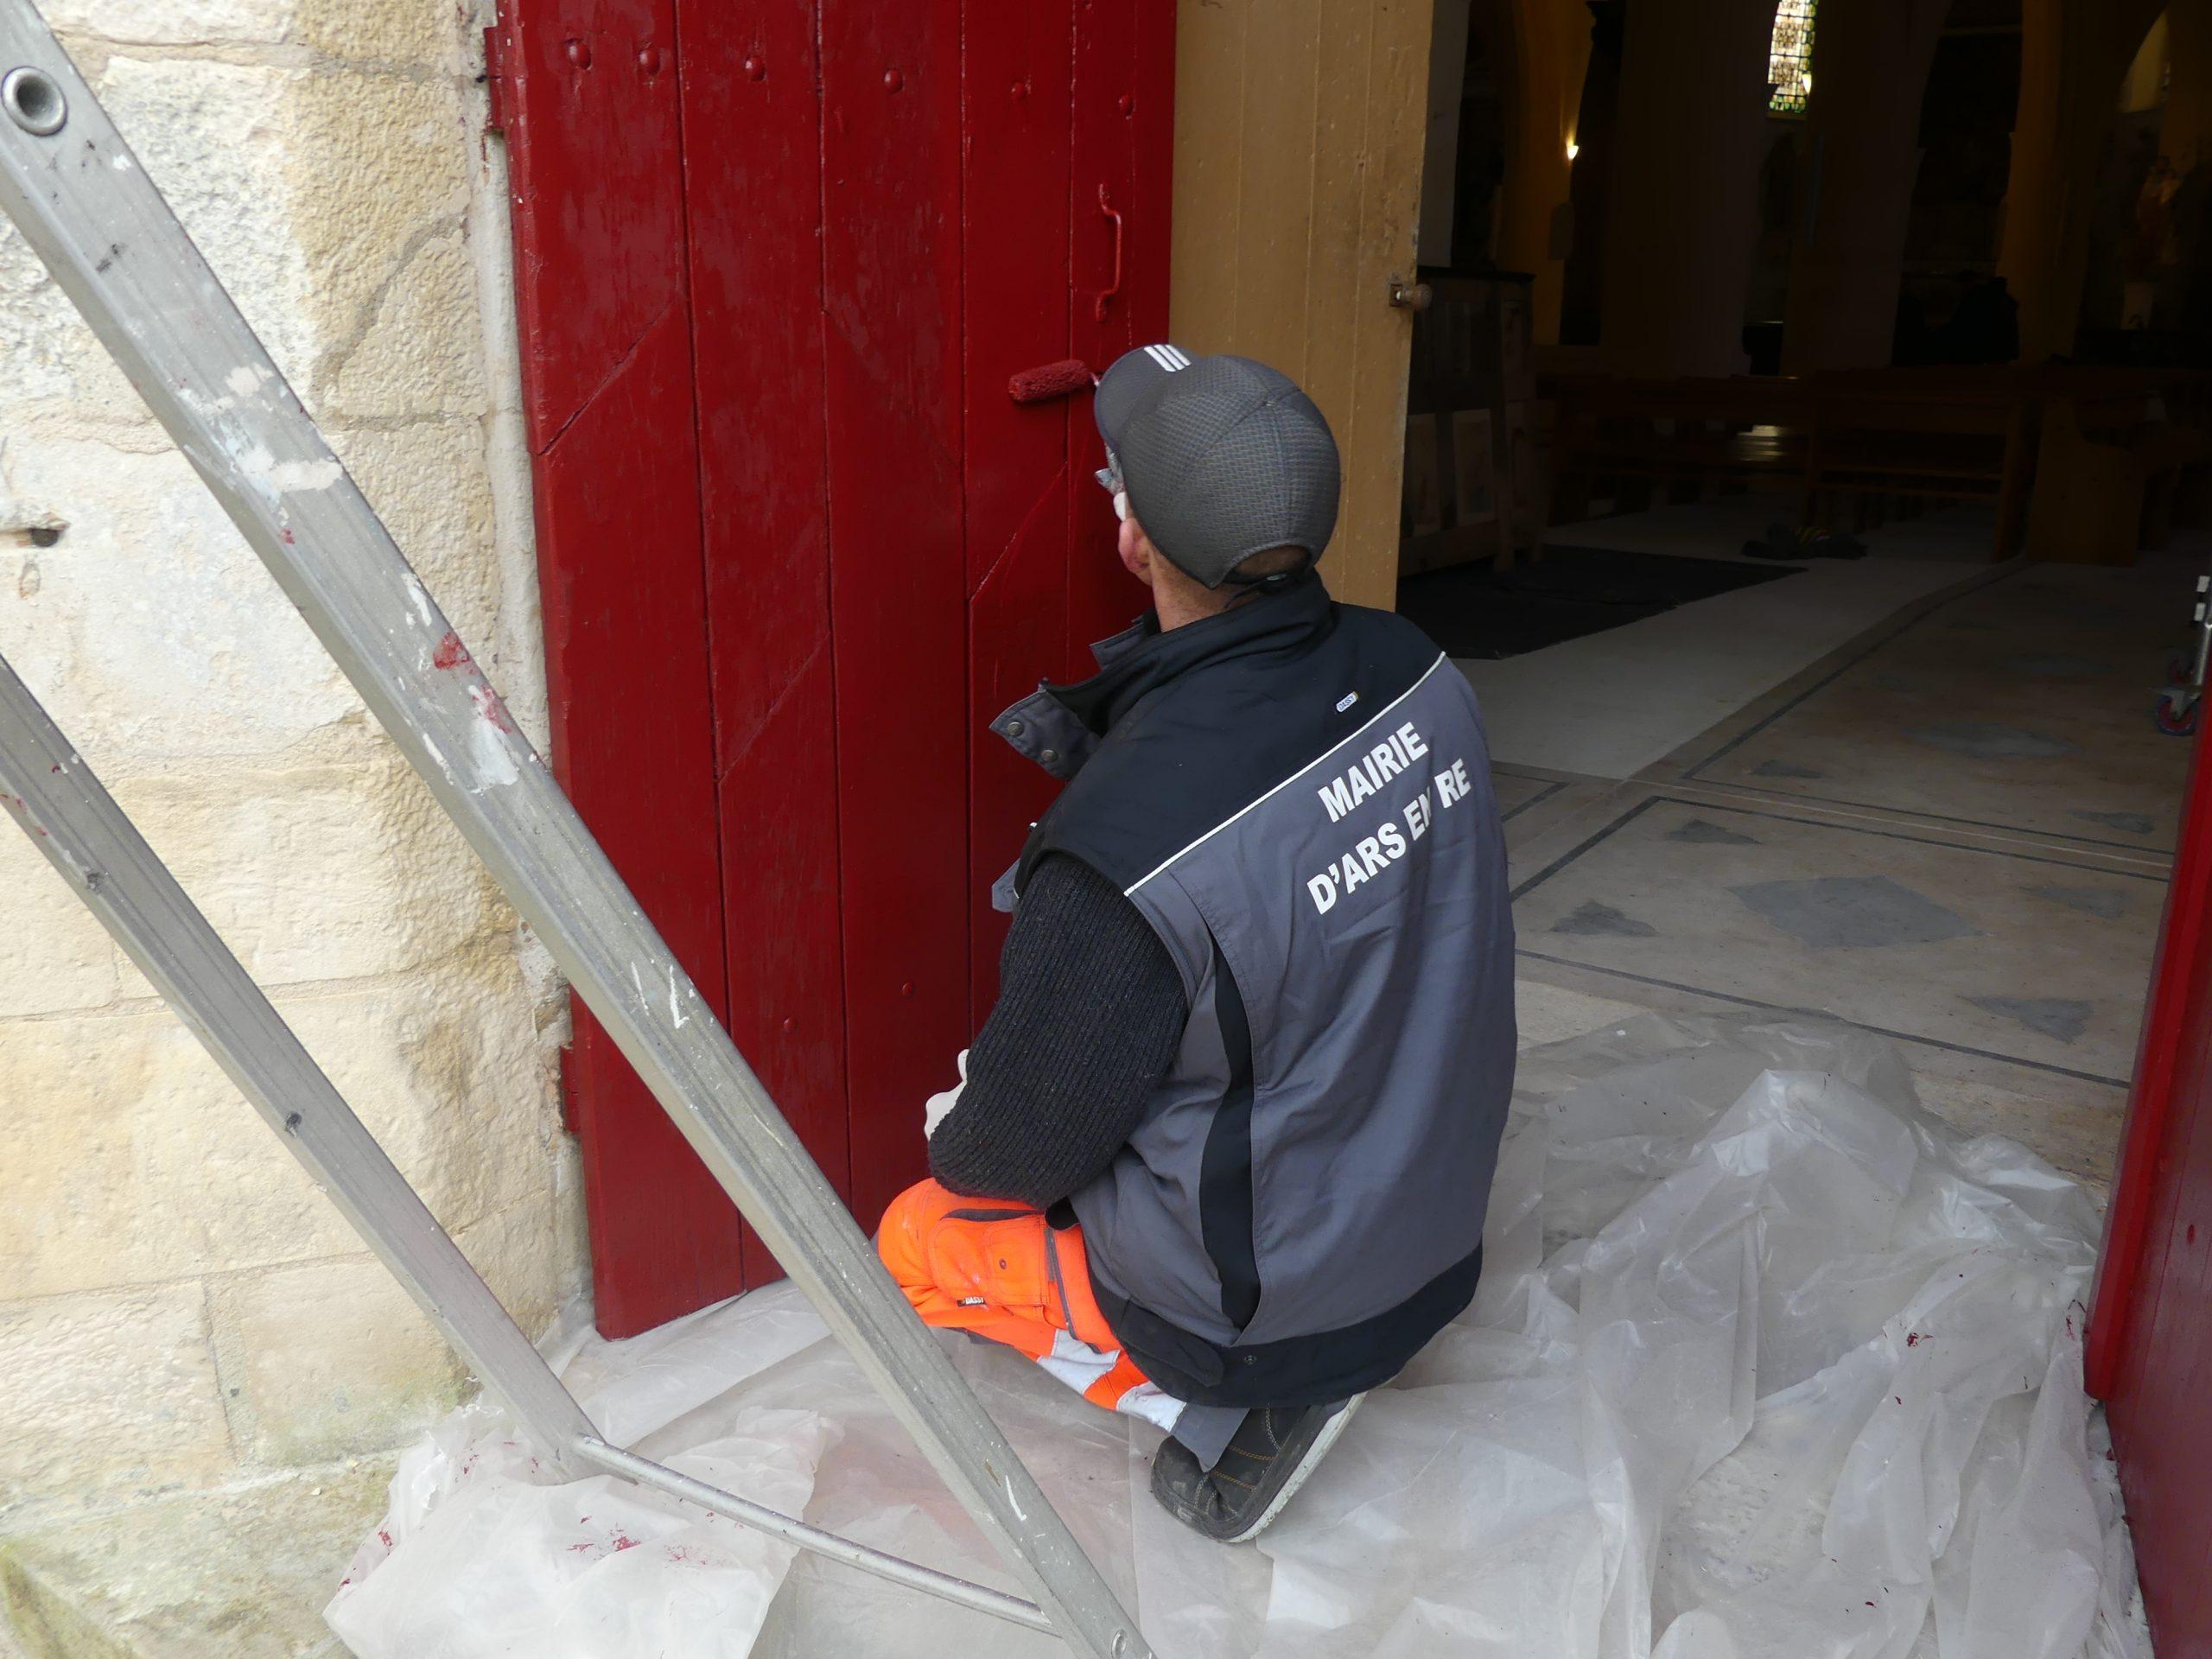 Ars - Eglise - Peinture porte - 12 mars 2020